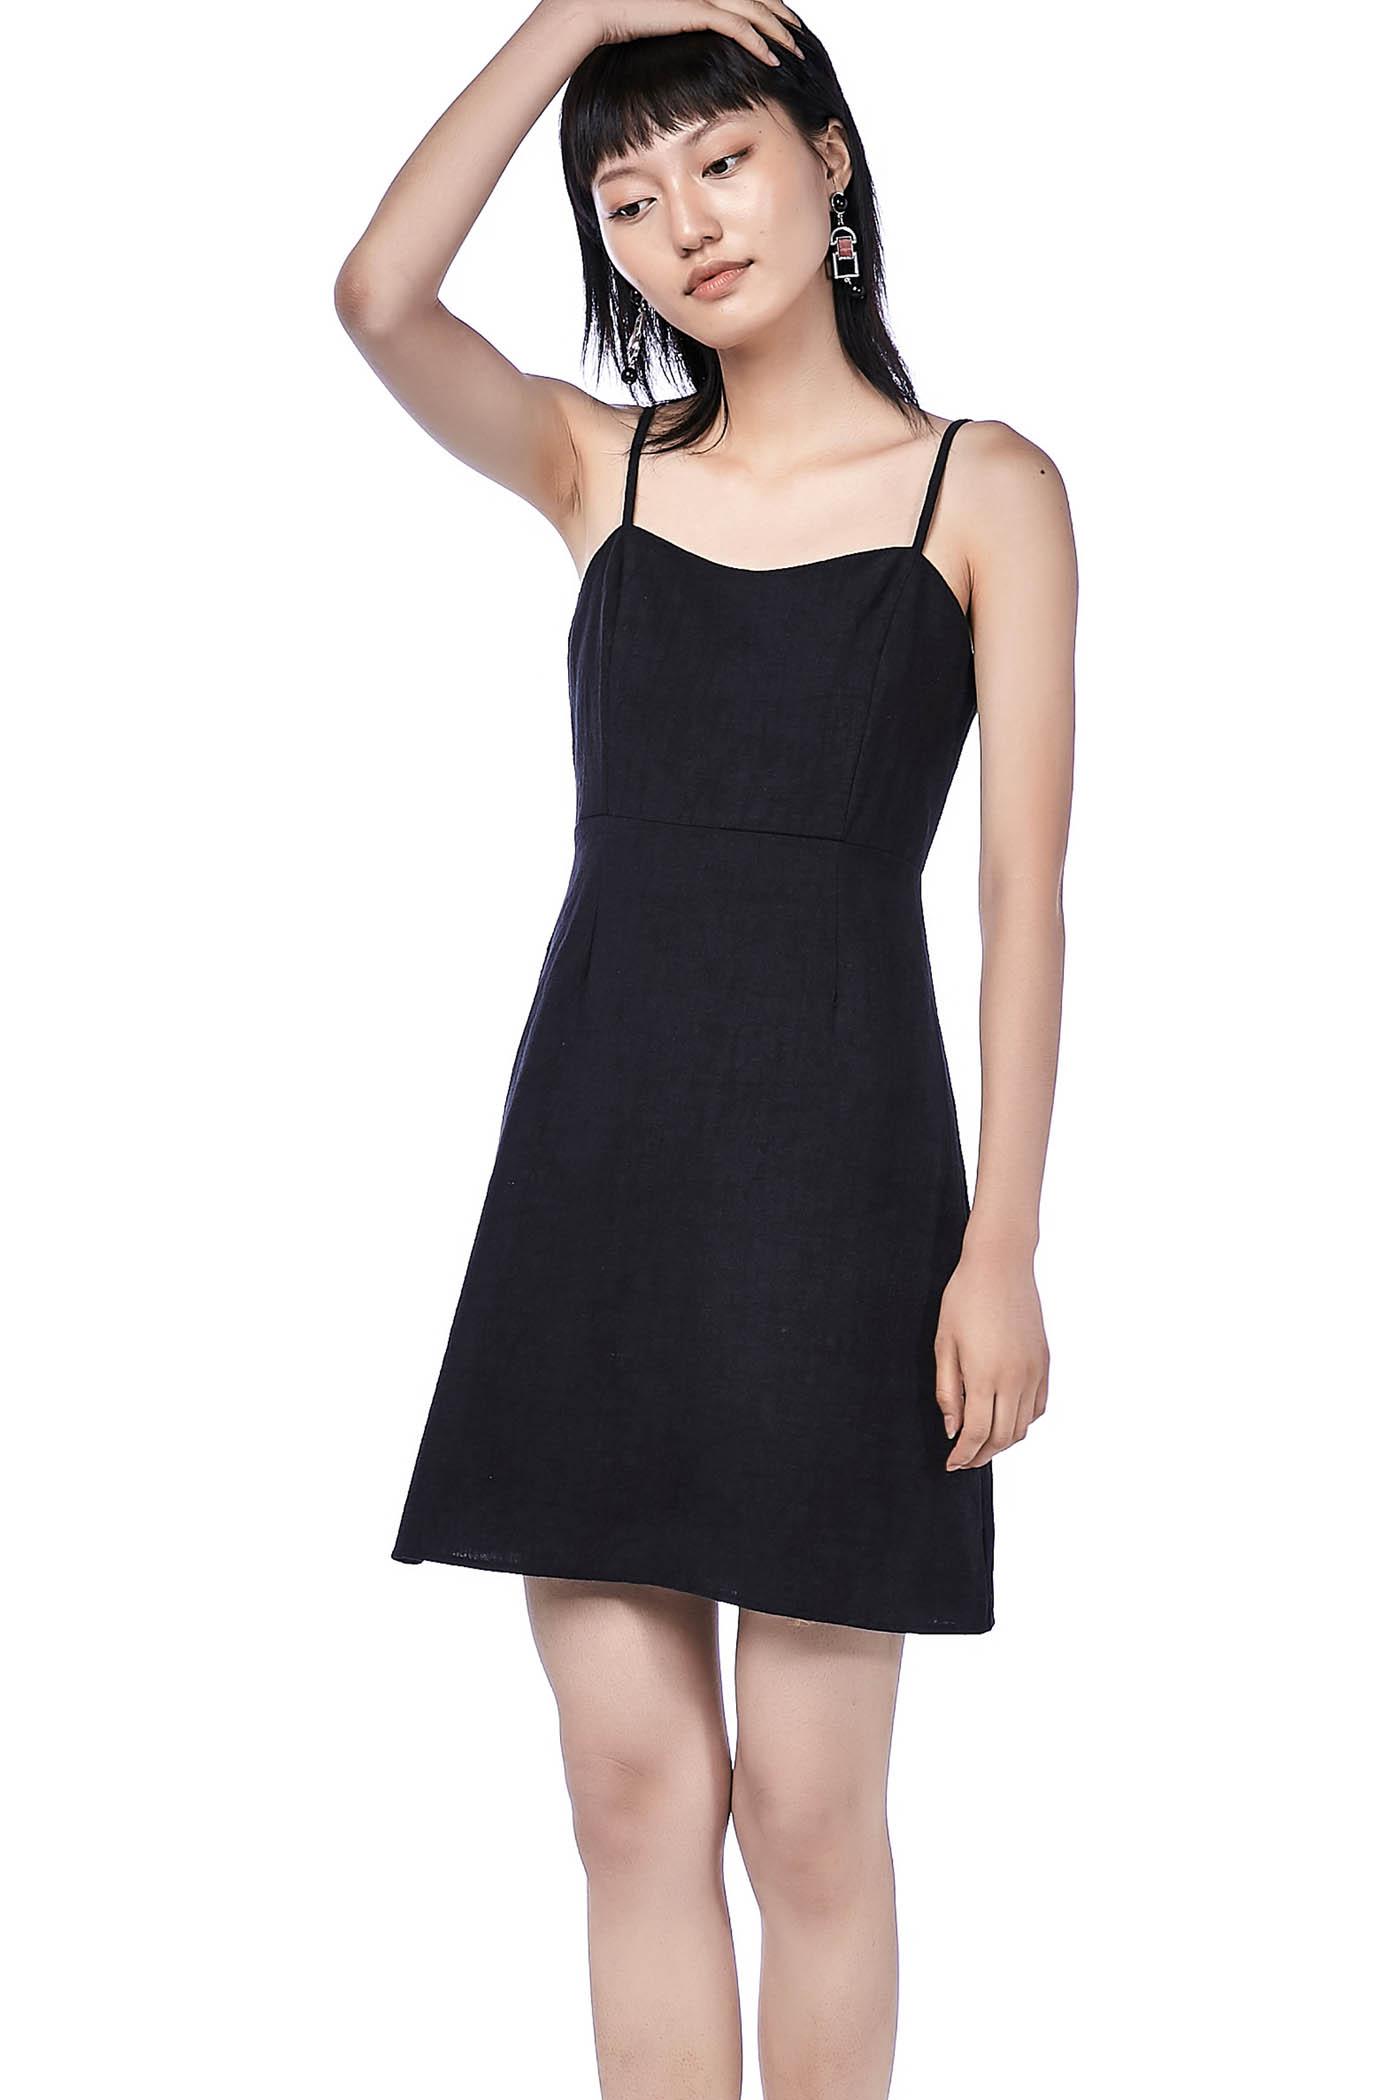 ebf4f8b874 Syami Fitted Dress